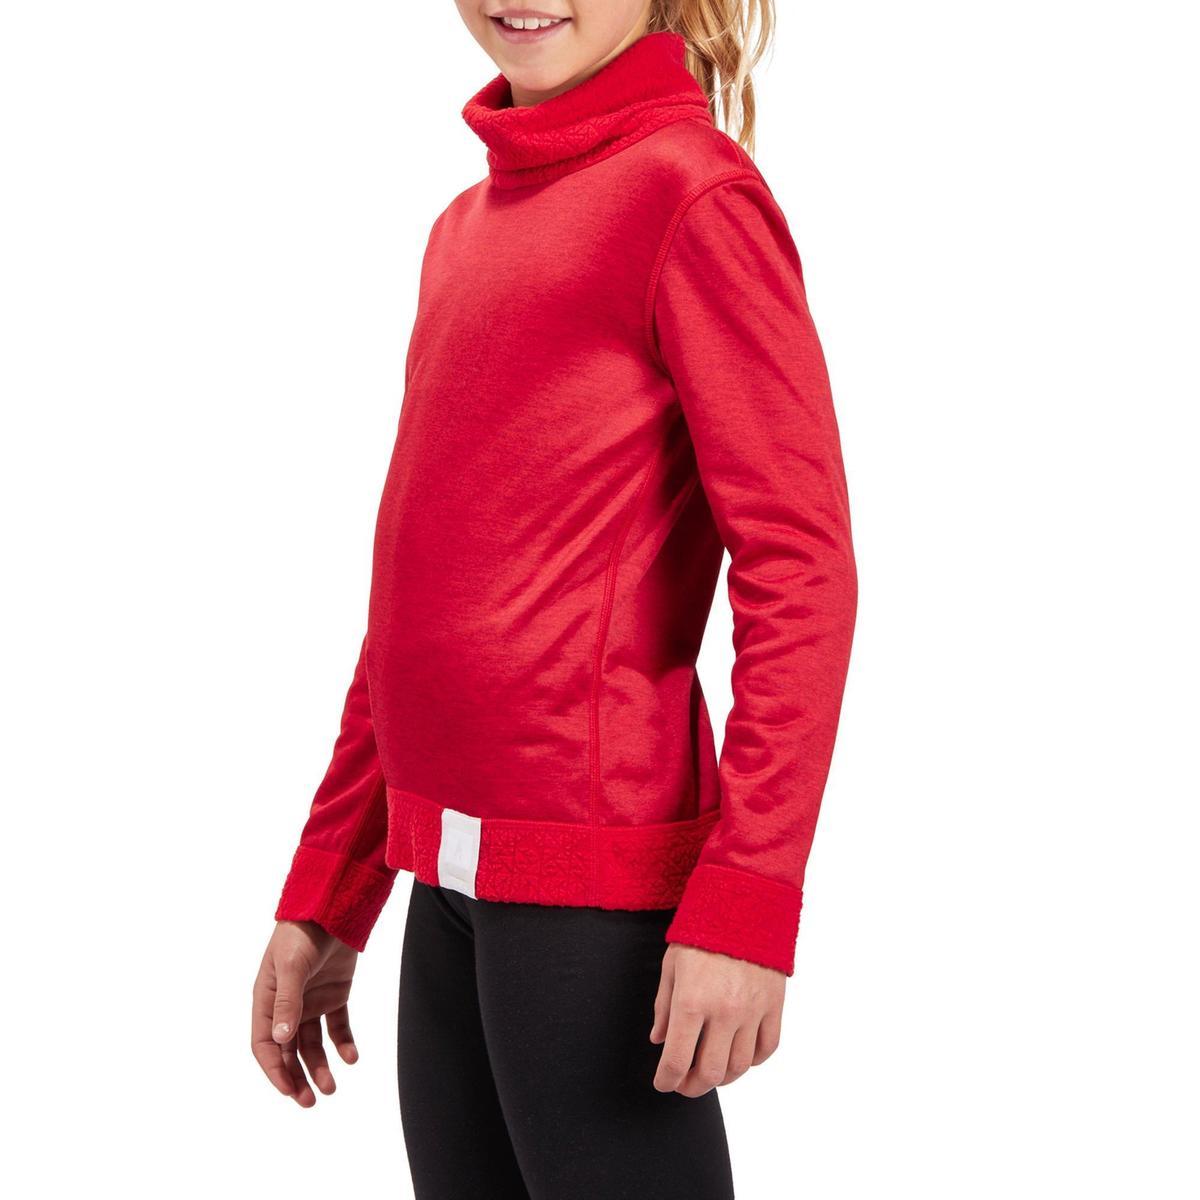 Bild 5 von Skiunterwäsche Funktionsshirt 2Warm Kinder rot